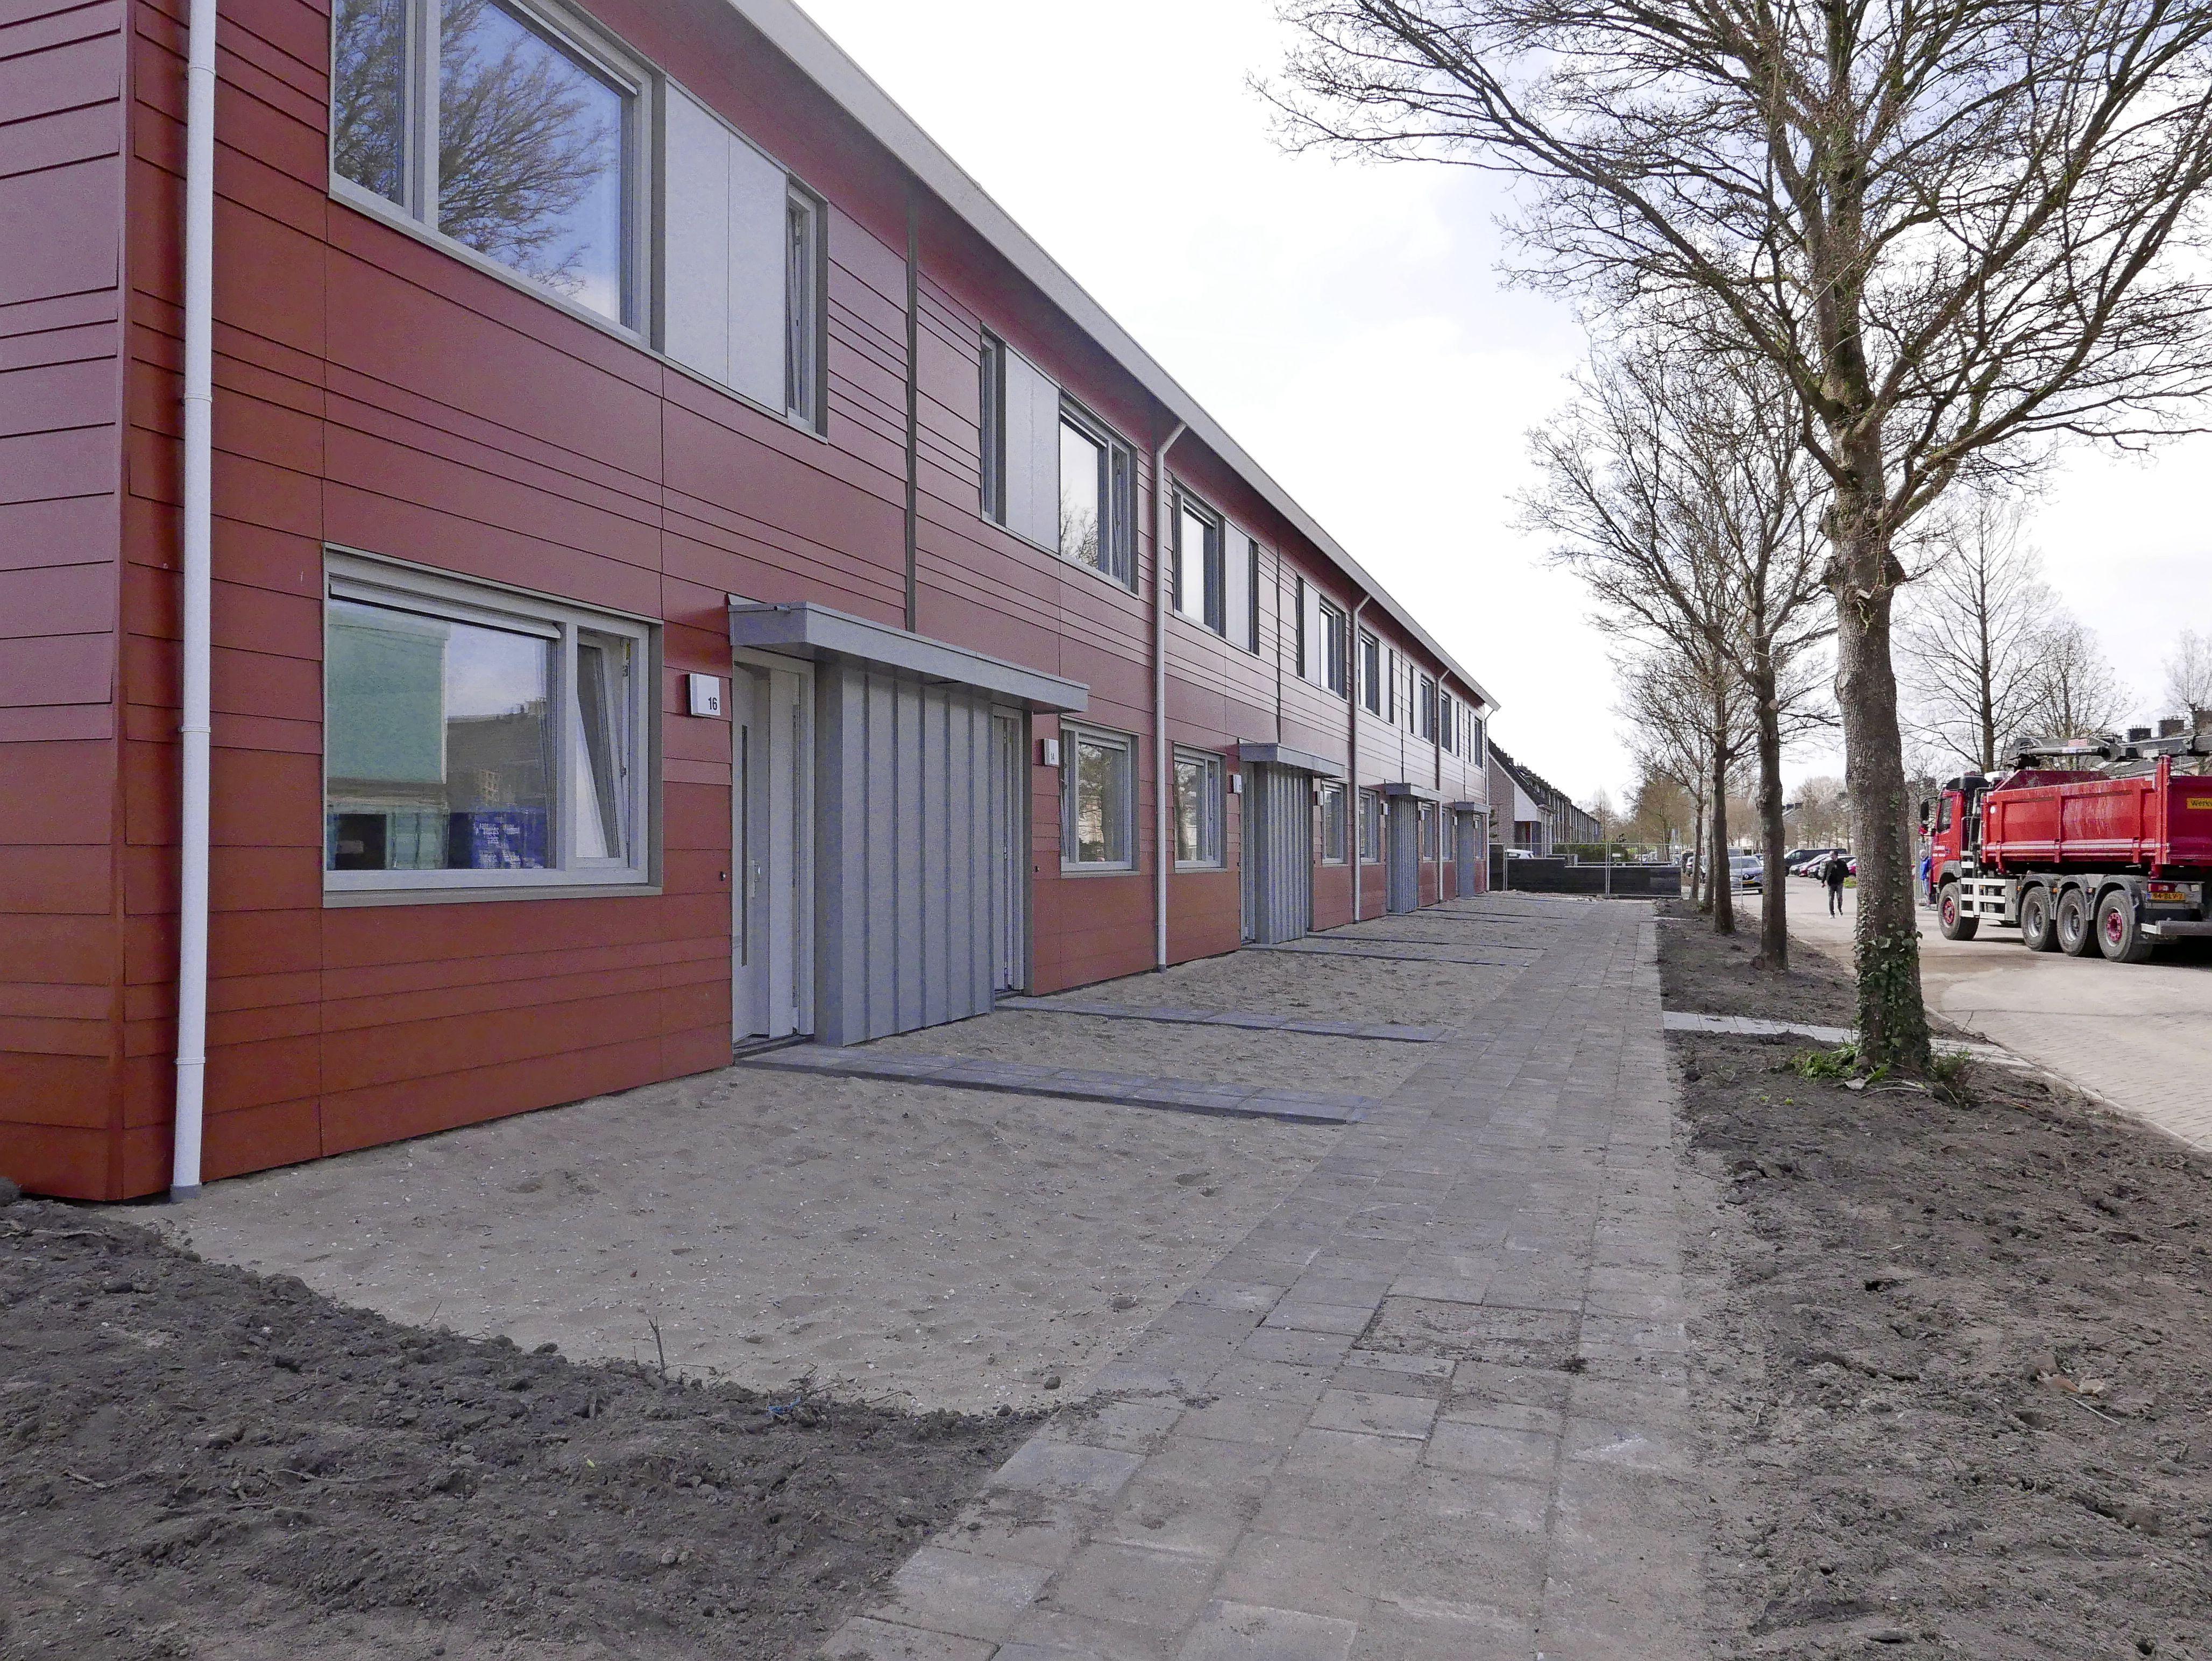 Ruim 1200 belangstellenden voor 22 nieuwe woningen in Medemblik. Eerste gelukkige huurders hebben nu de sleutel gekregen. 'We blijven volop bouwen, want de vraag is groot'